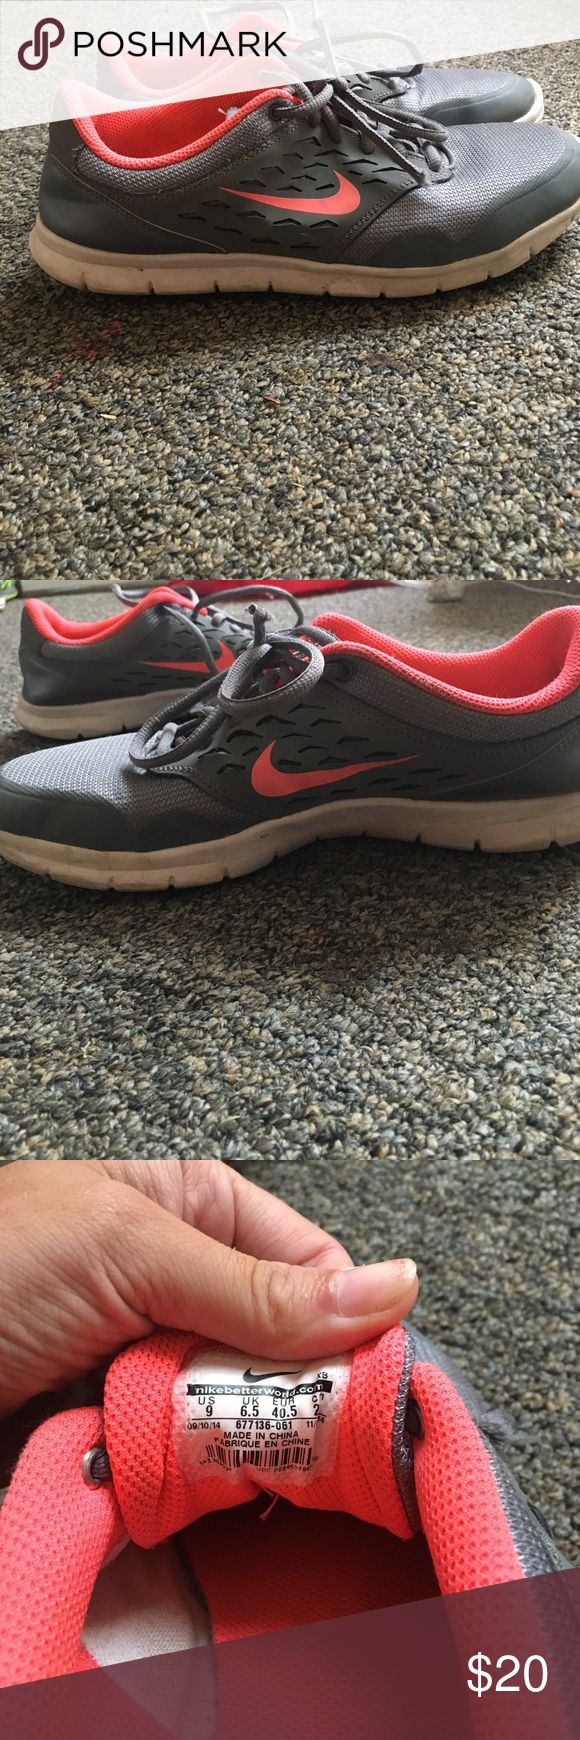 gray nike tennis shoes gray nike tennis shoes with orange nike sign, size 9 Nike Shoes Athletic Shoes